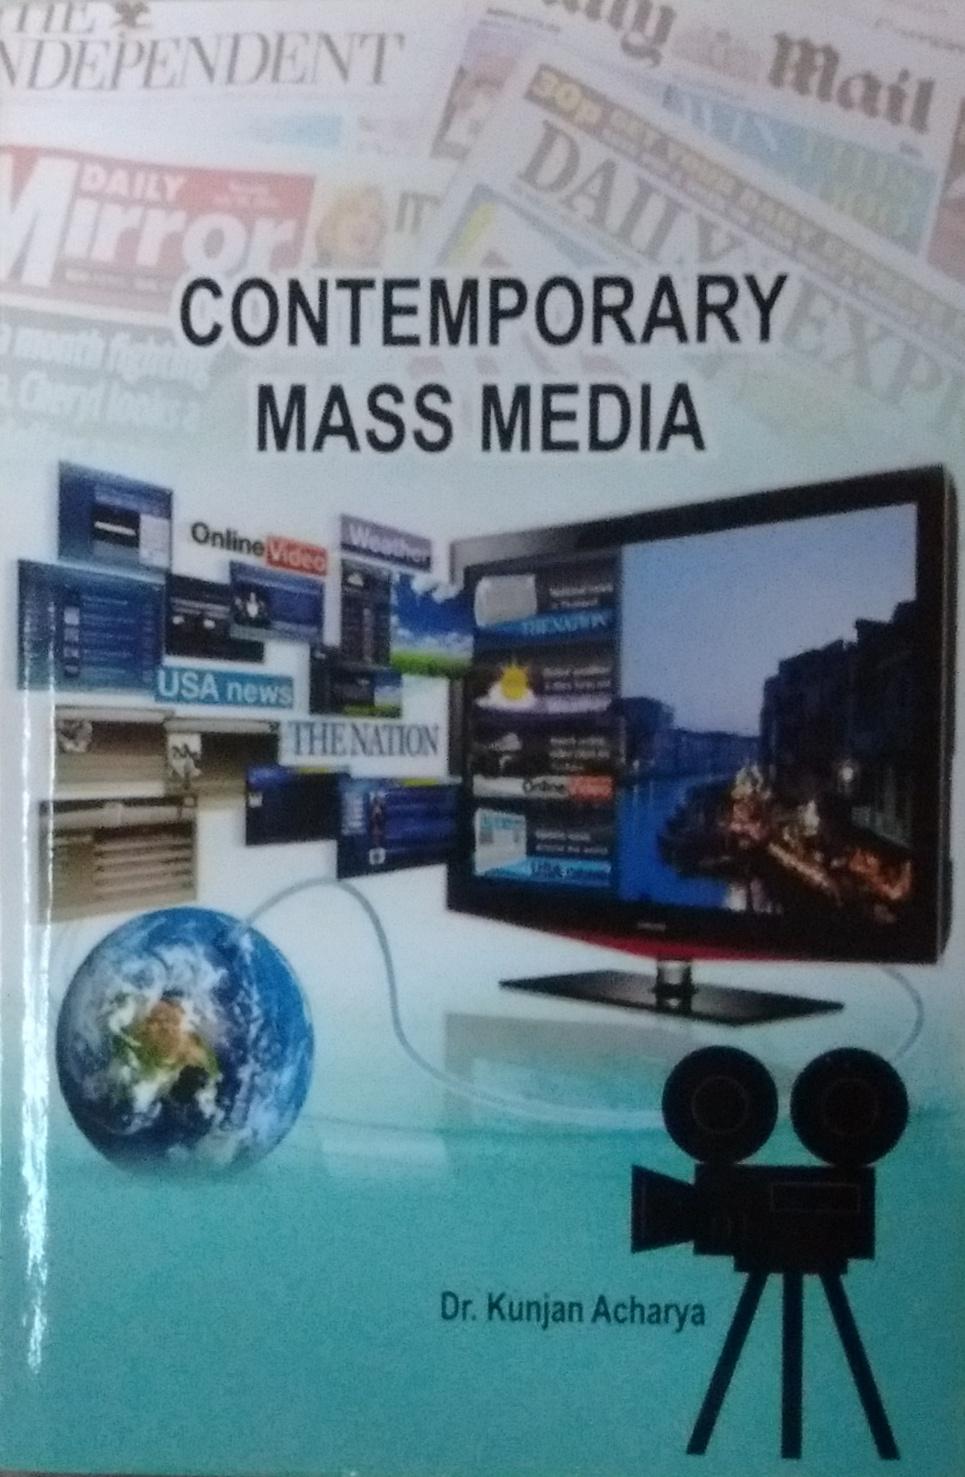 Contemporary Mass Media